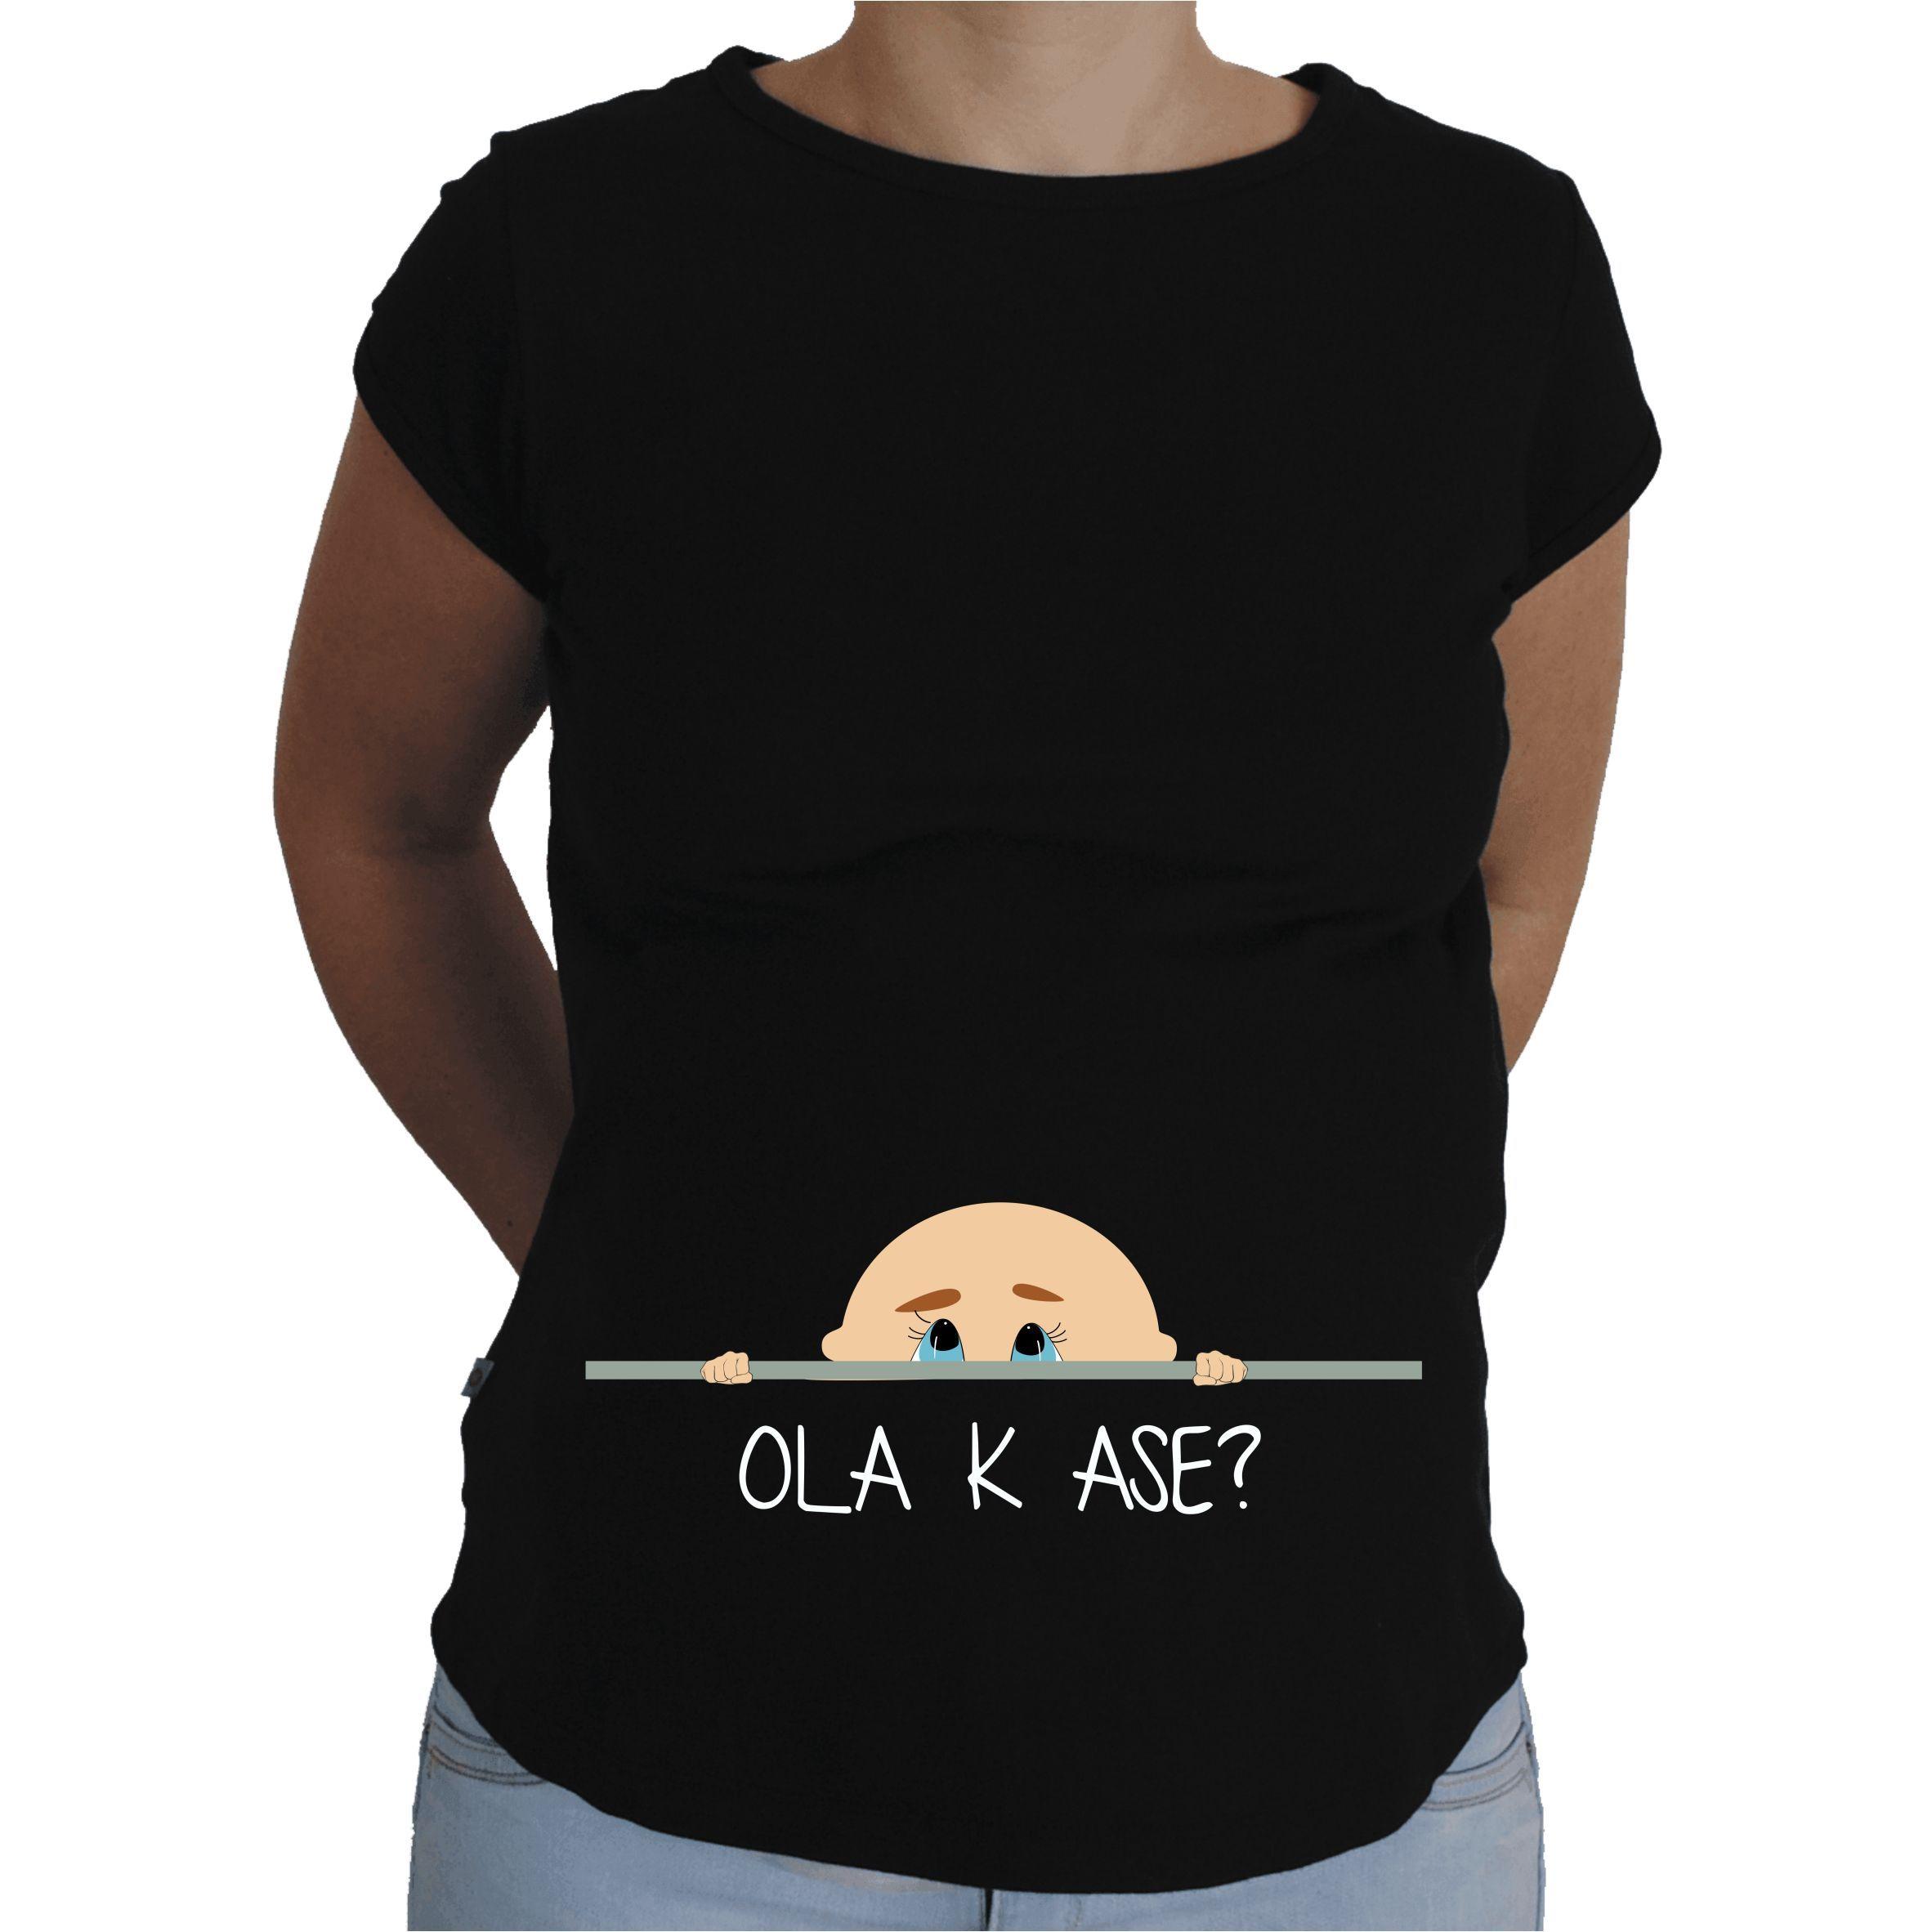 a37128313 Camiseta para embarazada Divertida - Bebe chico cotilla. Camisetas Premama